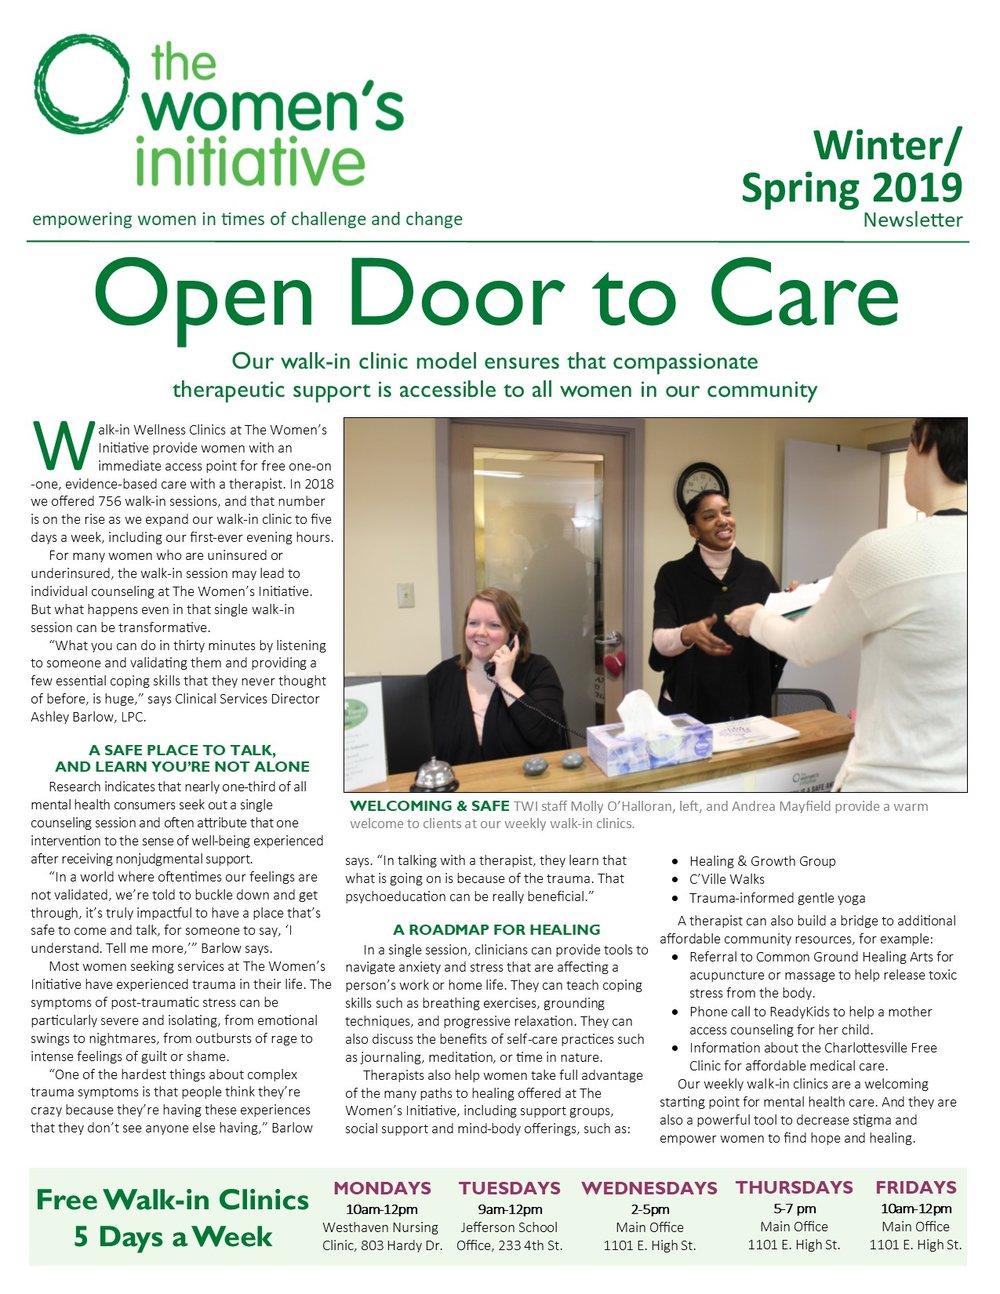 2019 Winter/Spring Newsletter